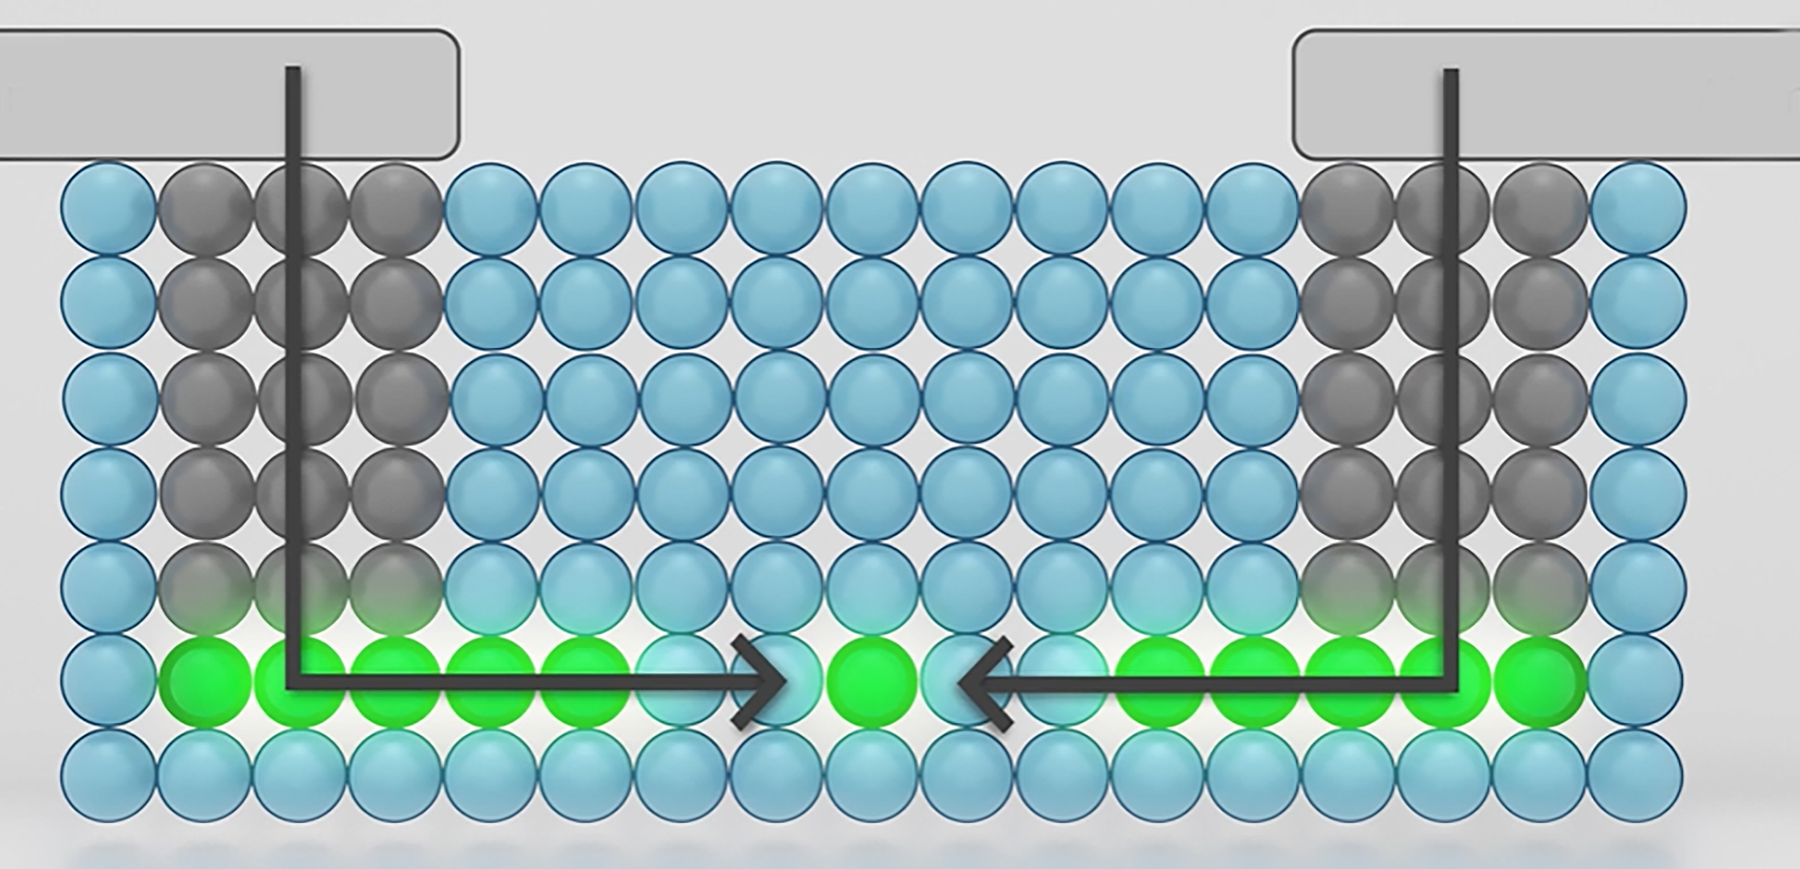 Nový postup pro výrobu jednoatomových tranzistorů umožňuje jejich snadnější výrobu